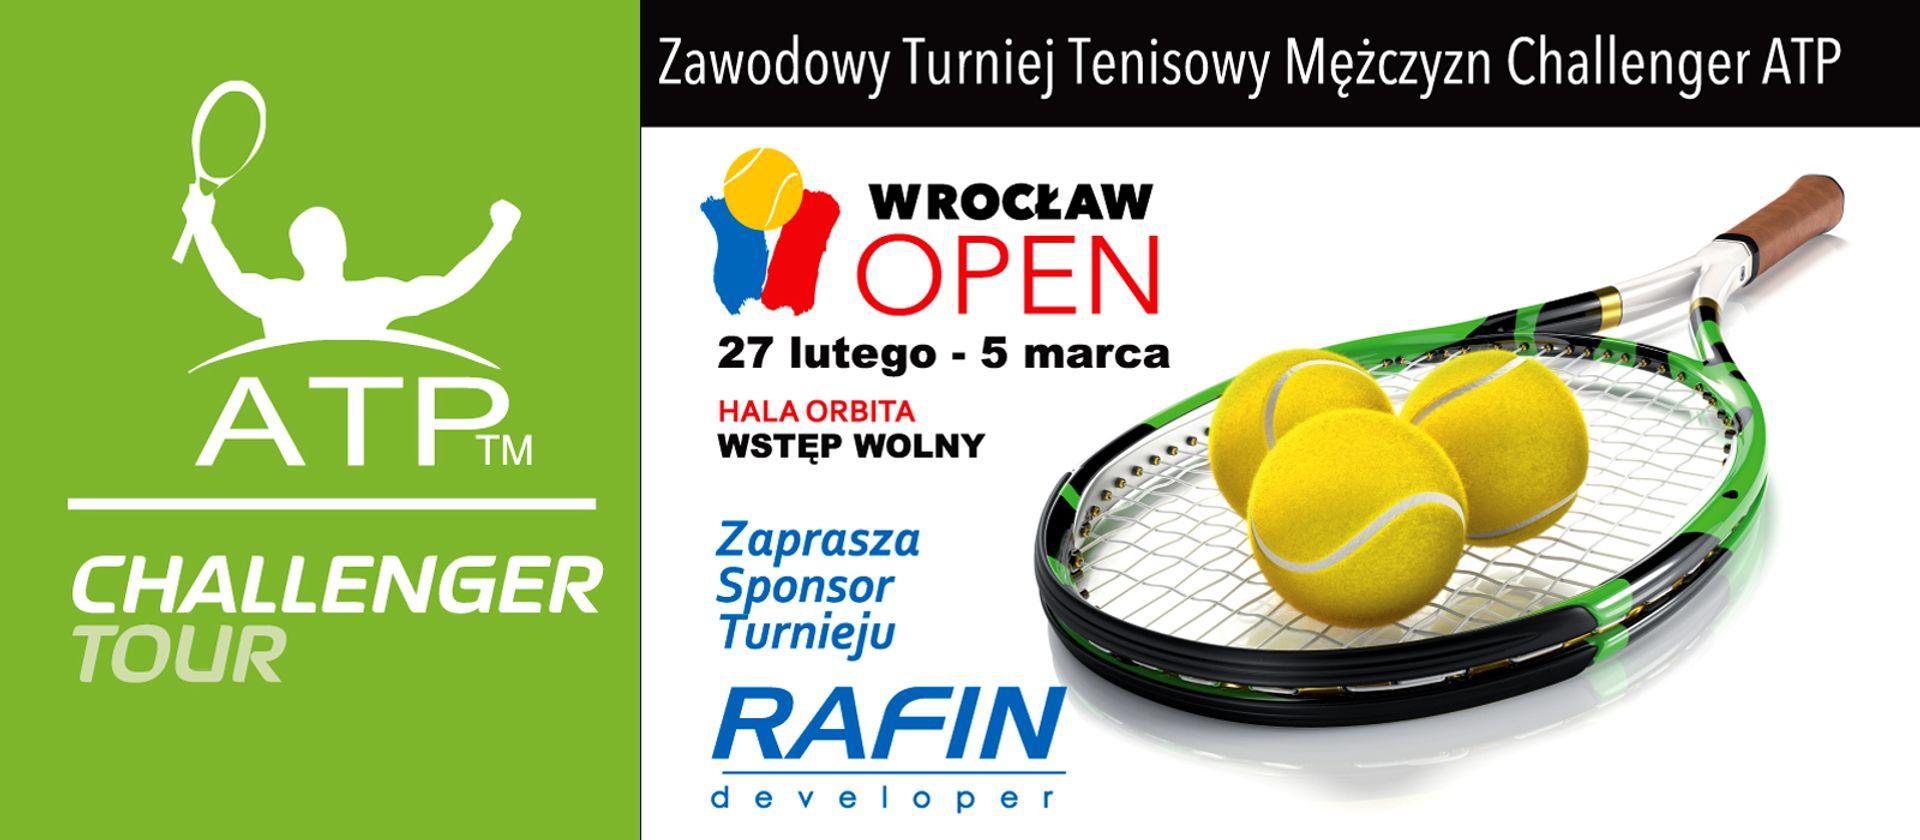 [Wrocław] Wrocław Open 2017 już niedługo!